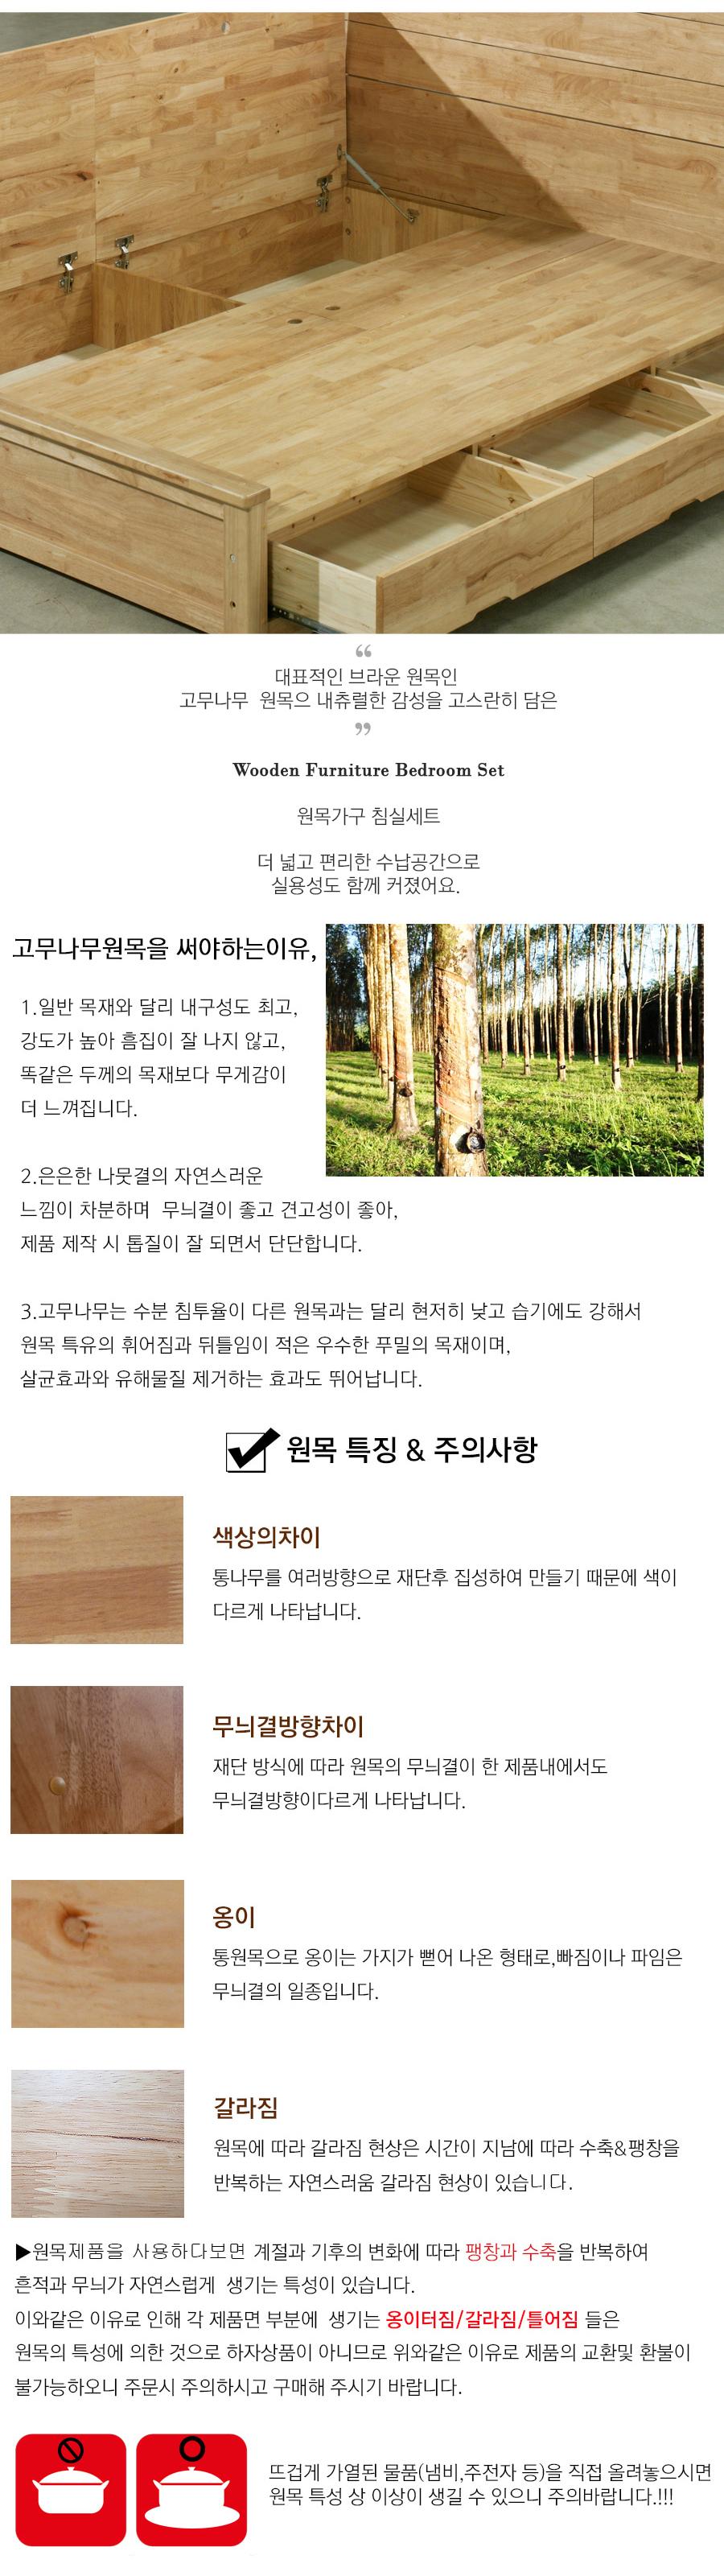 lole_3.jpg